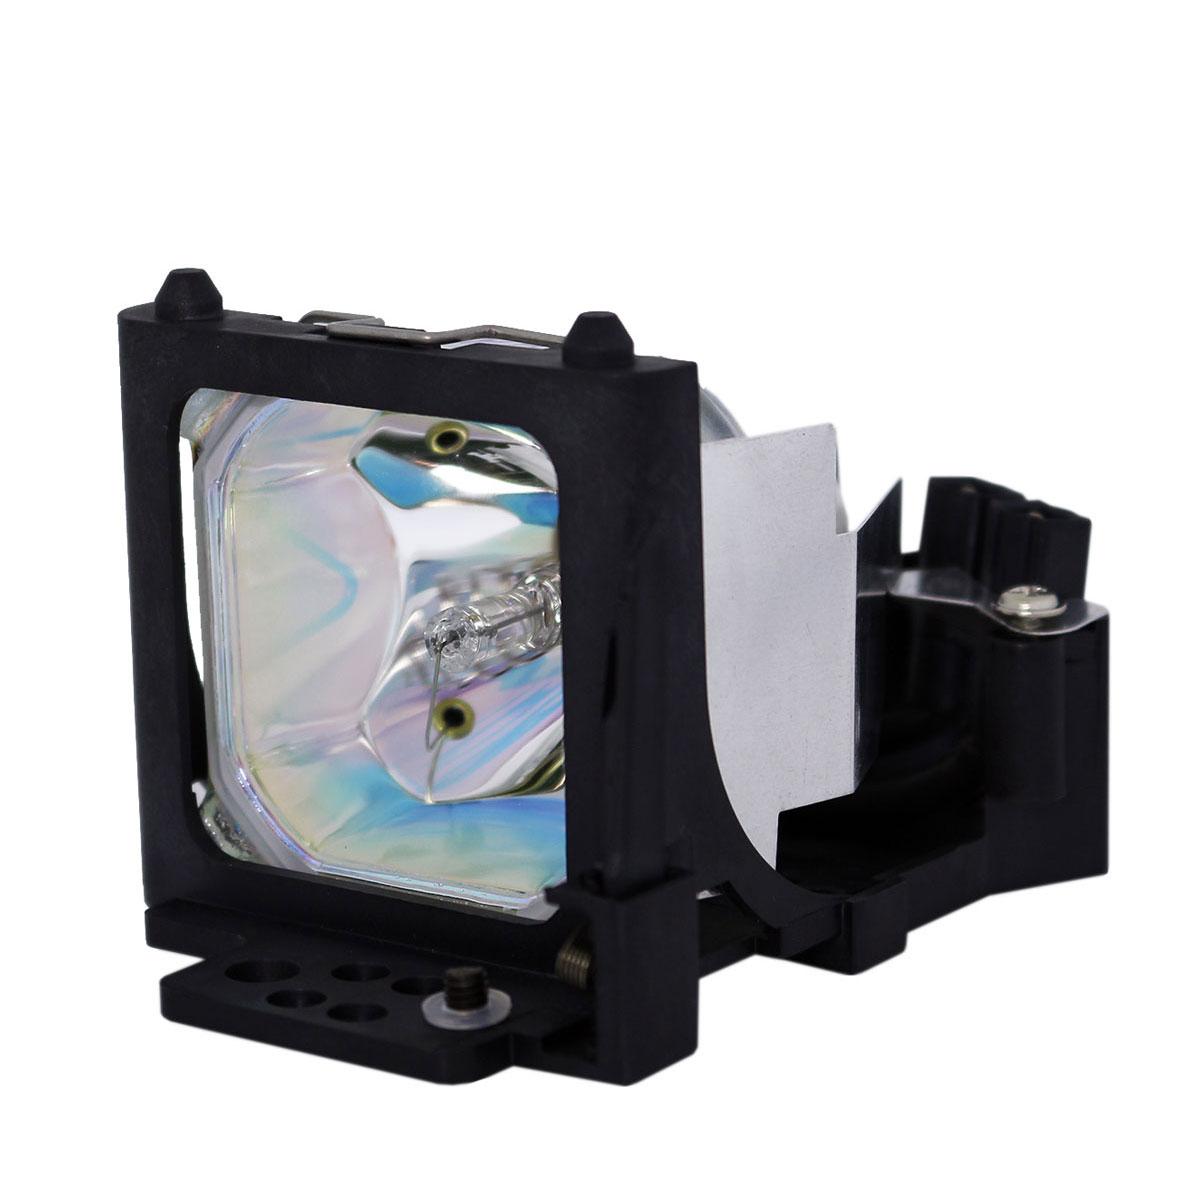 Viewsonic RLC-130-03A FP Lamp